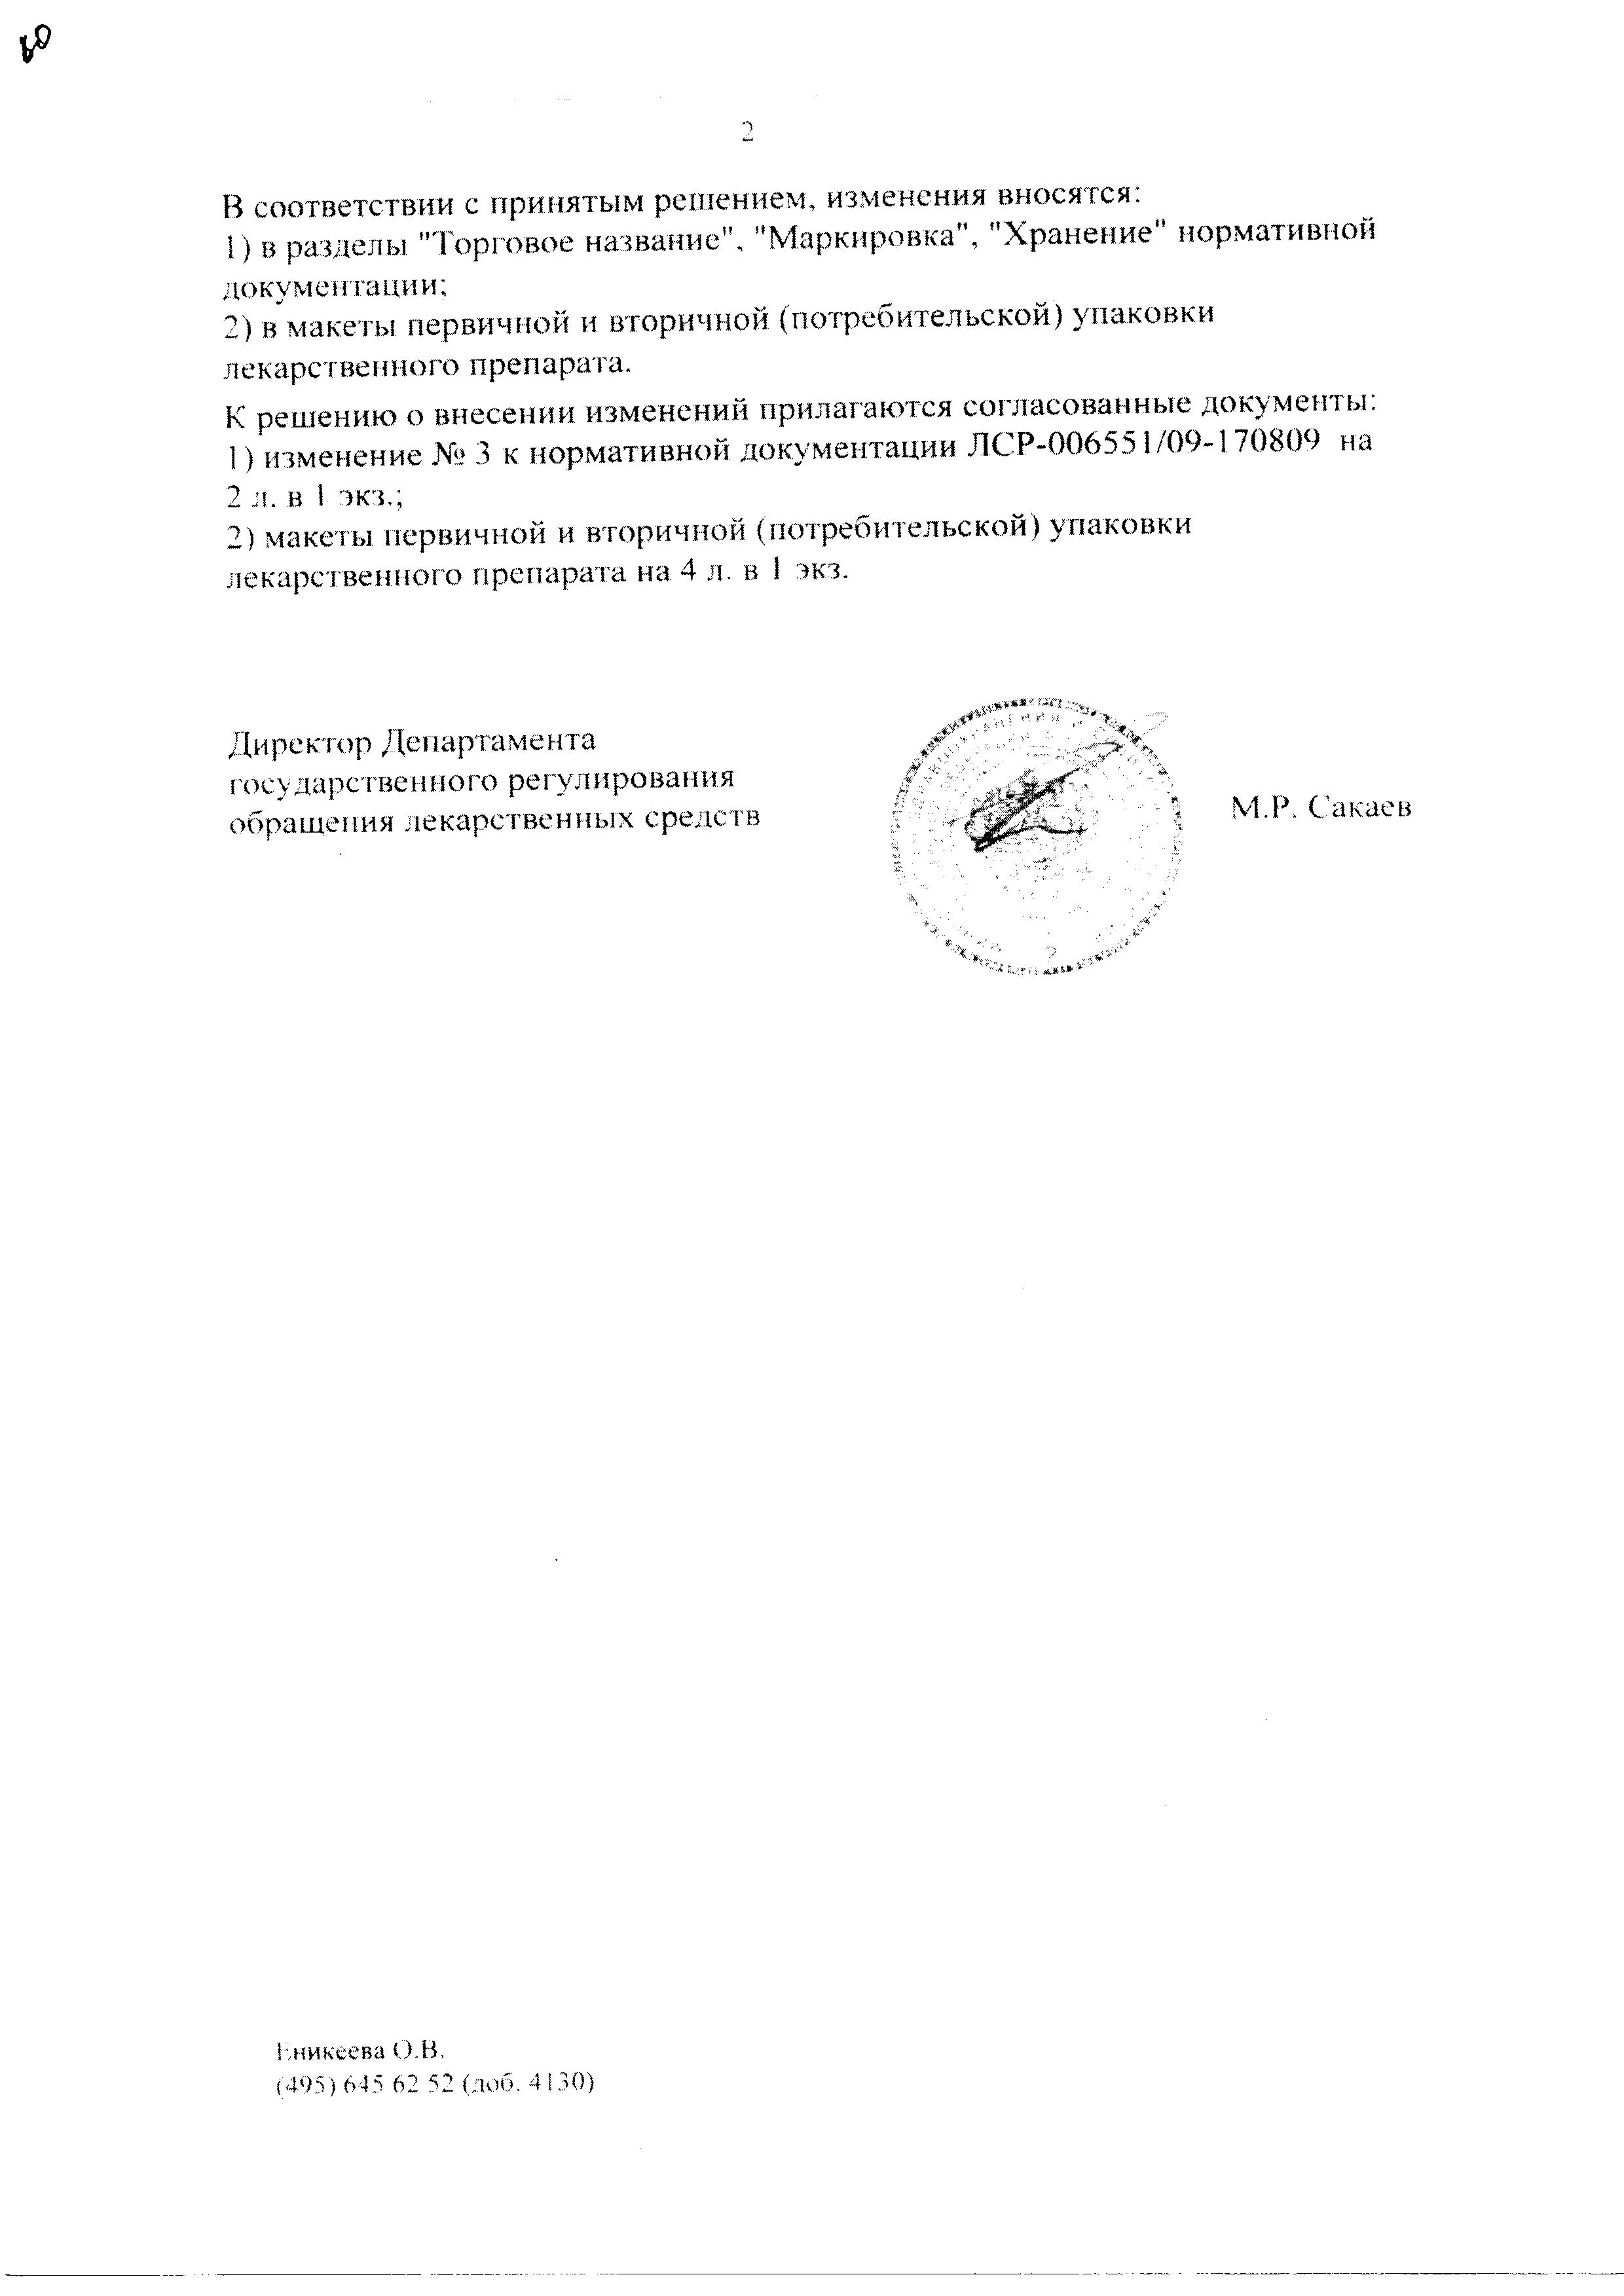 Венолек сертификат